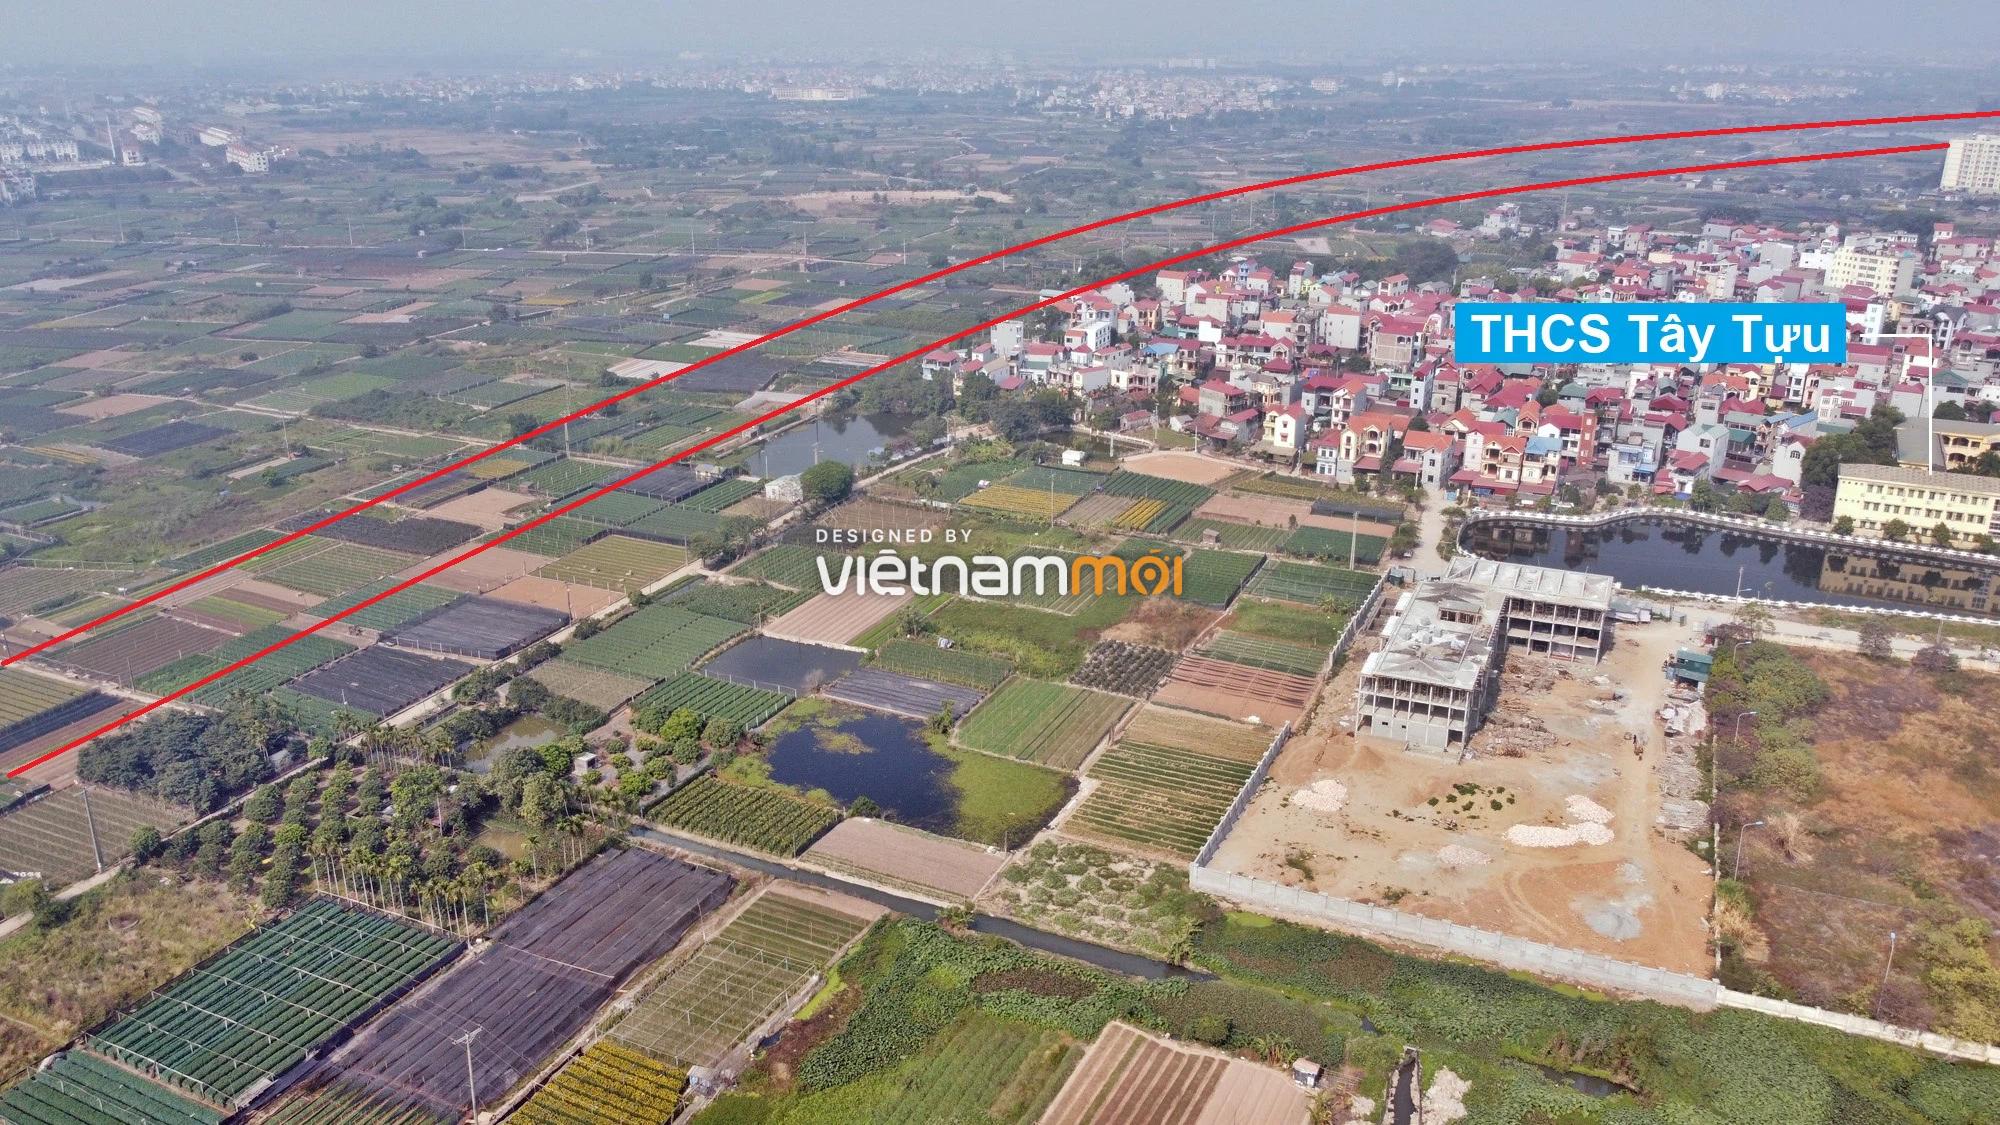 Đường Vành đai 3,5 sẽ mở theo quy hoạch qua quận Bắc Từ Liêm, Hà Nội - Ảnh 4.